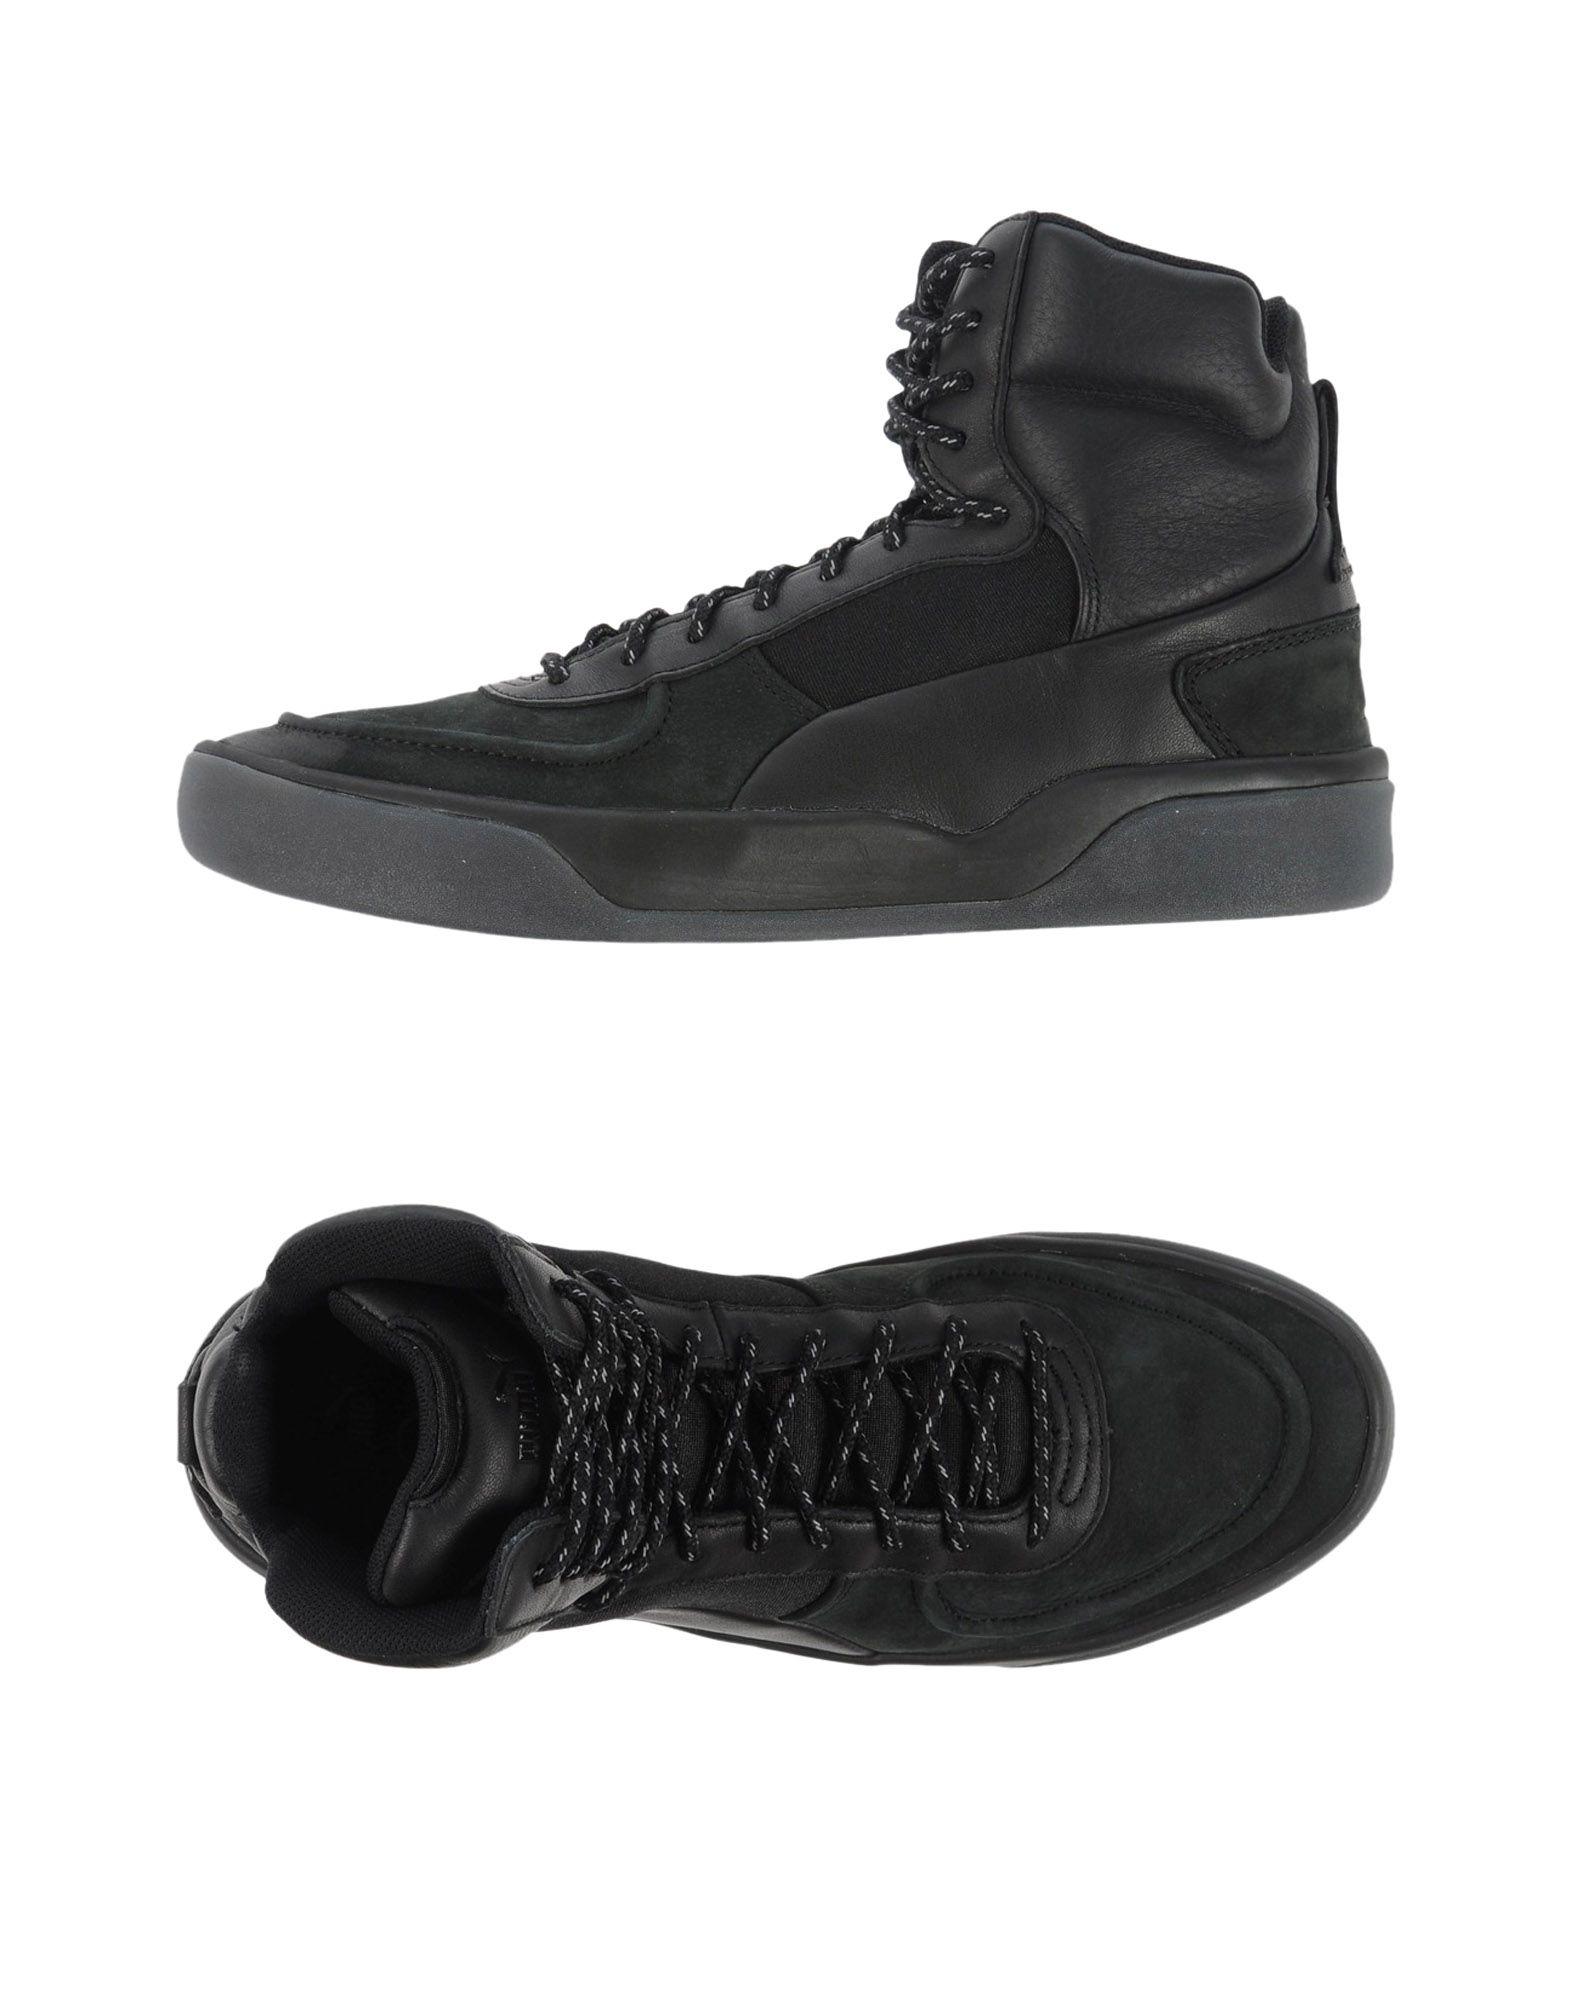 Joe La Puma Black Shoes